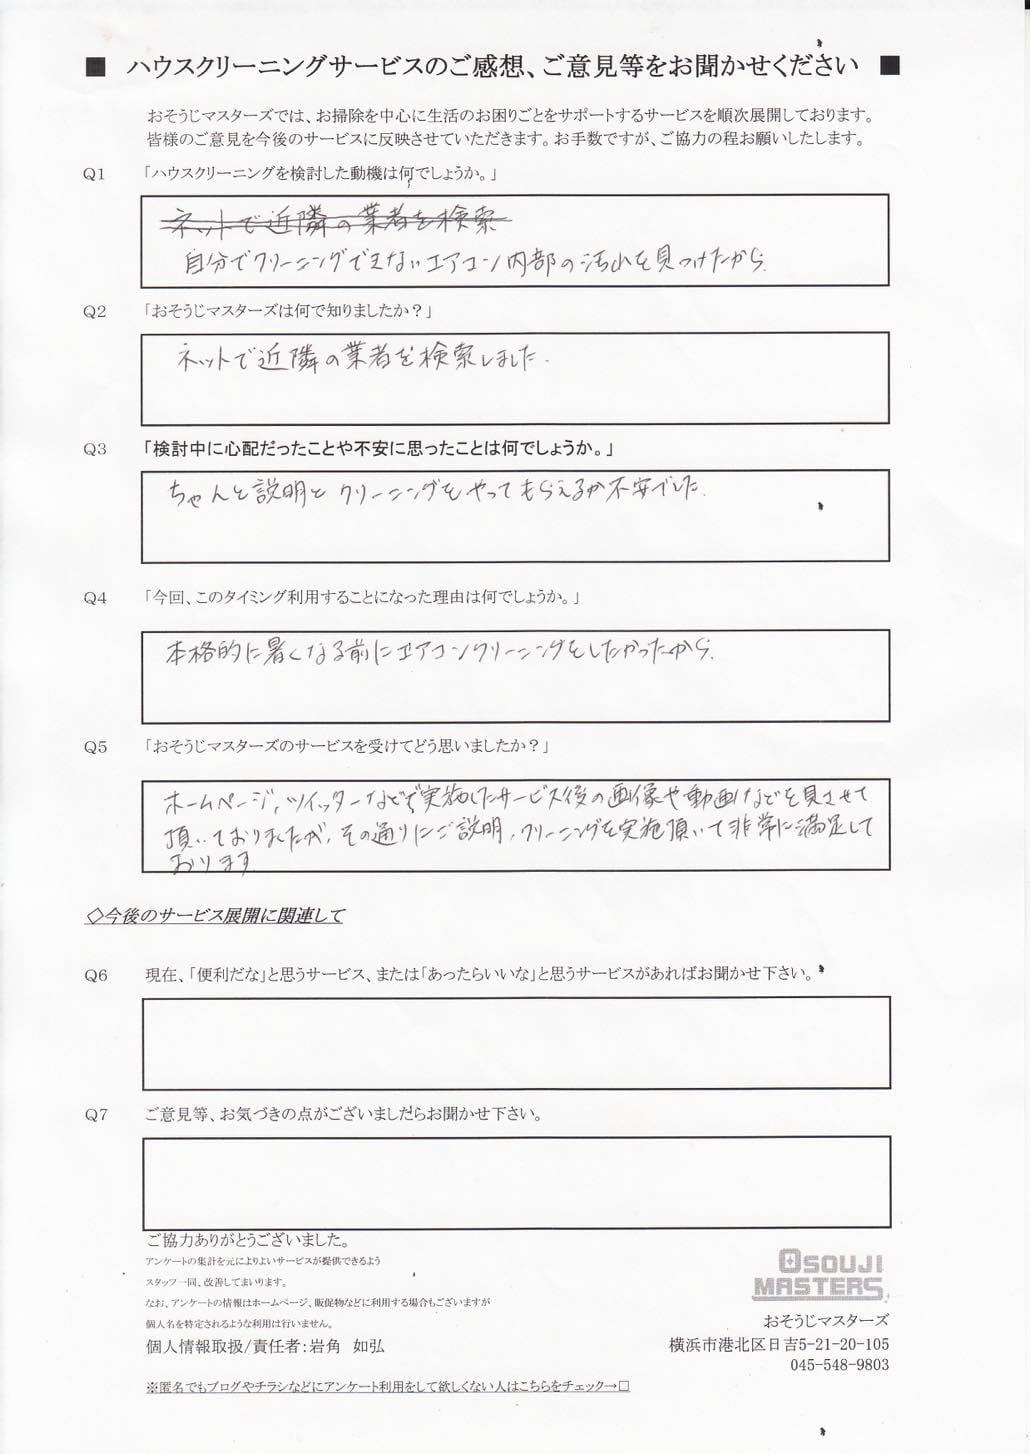 2015/07/11 エアコンクリーニング 【川崎市中原区】